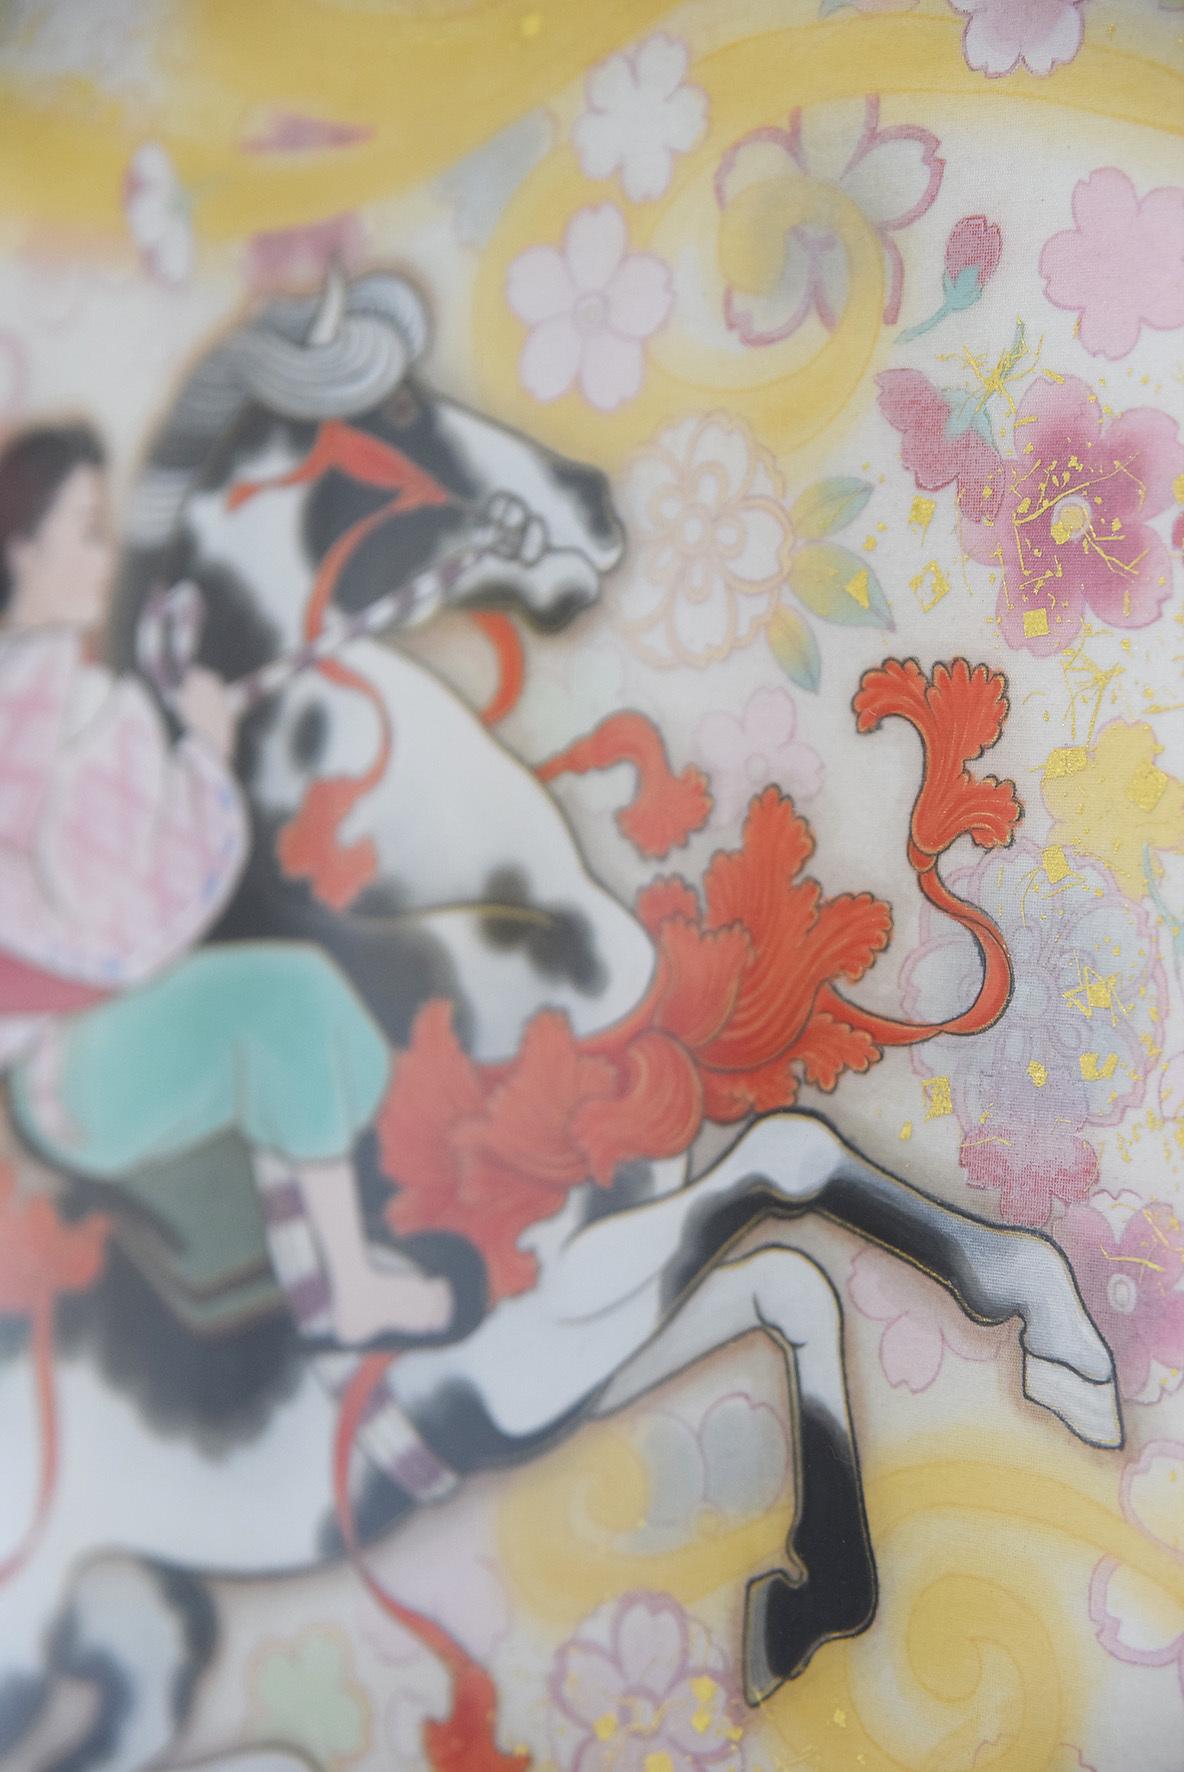 中沢 梓 大和絵展 「刻一刻」@1日目_e0272050_16073679.jpg